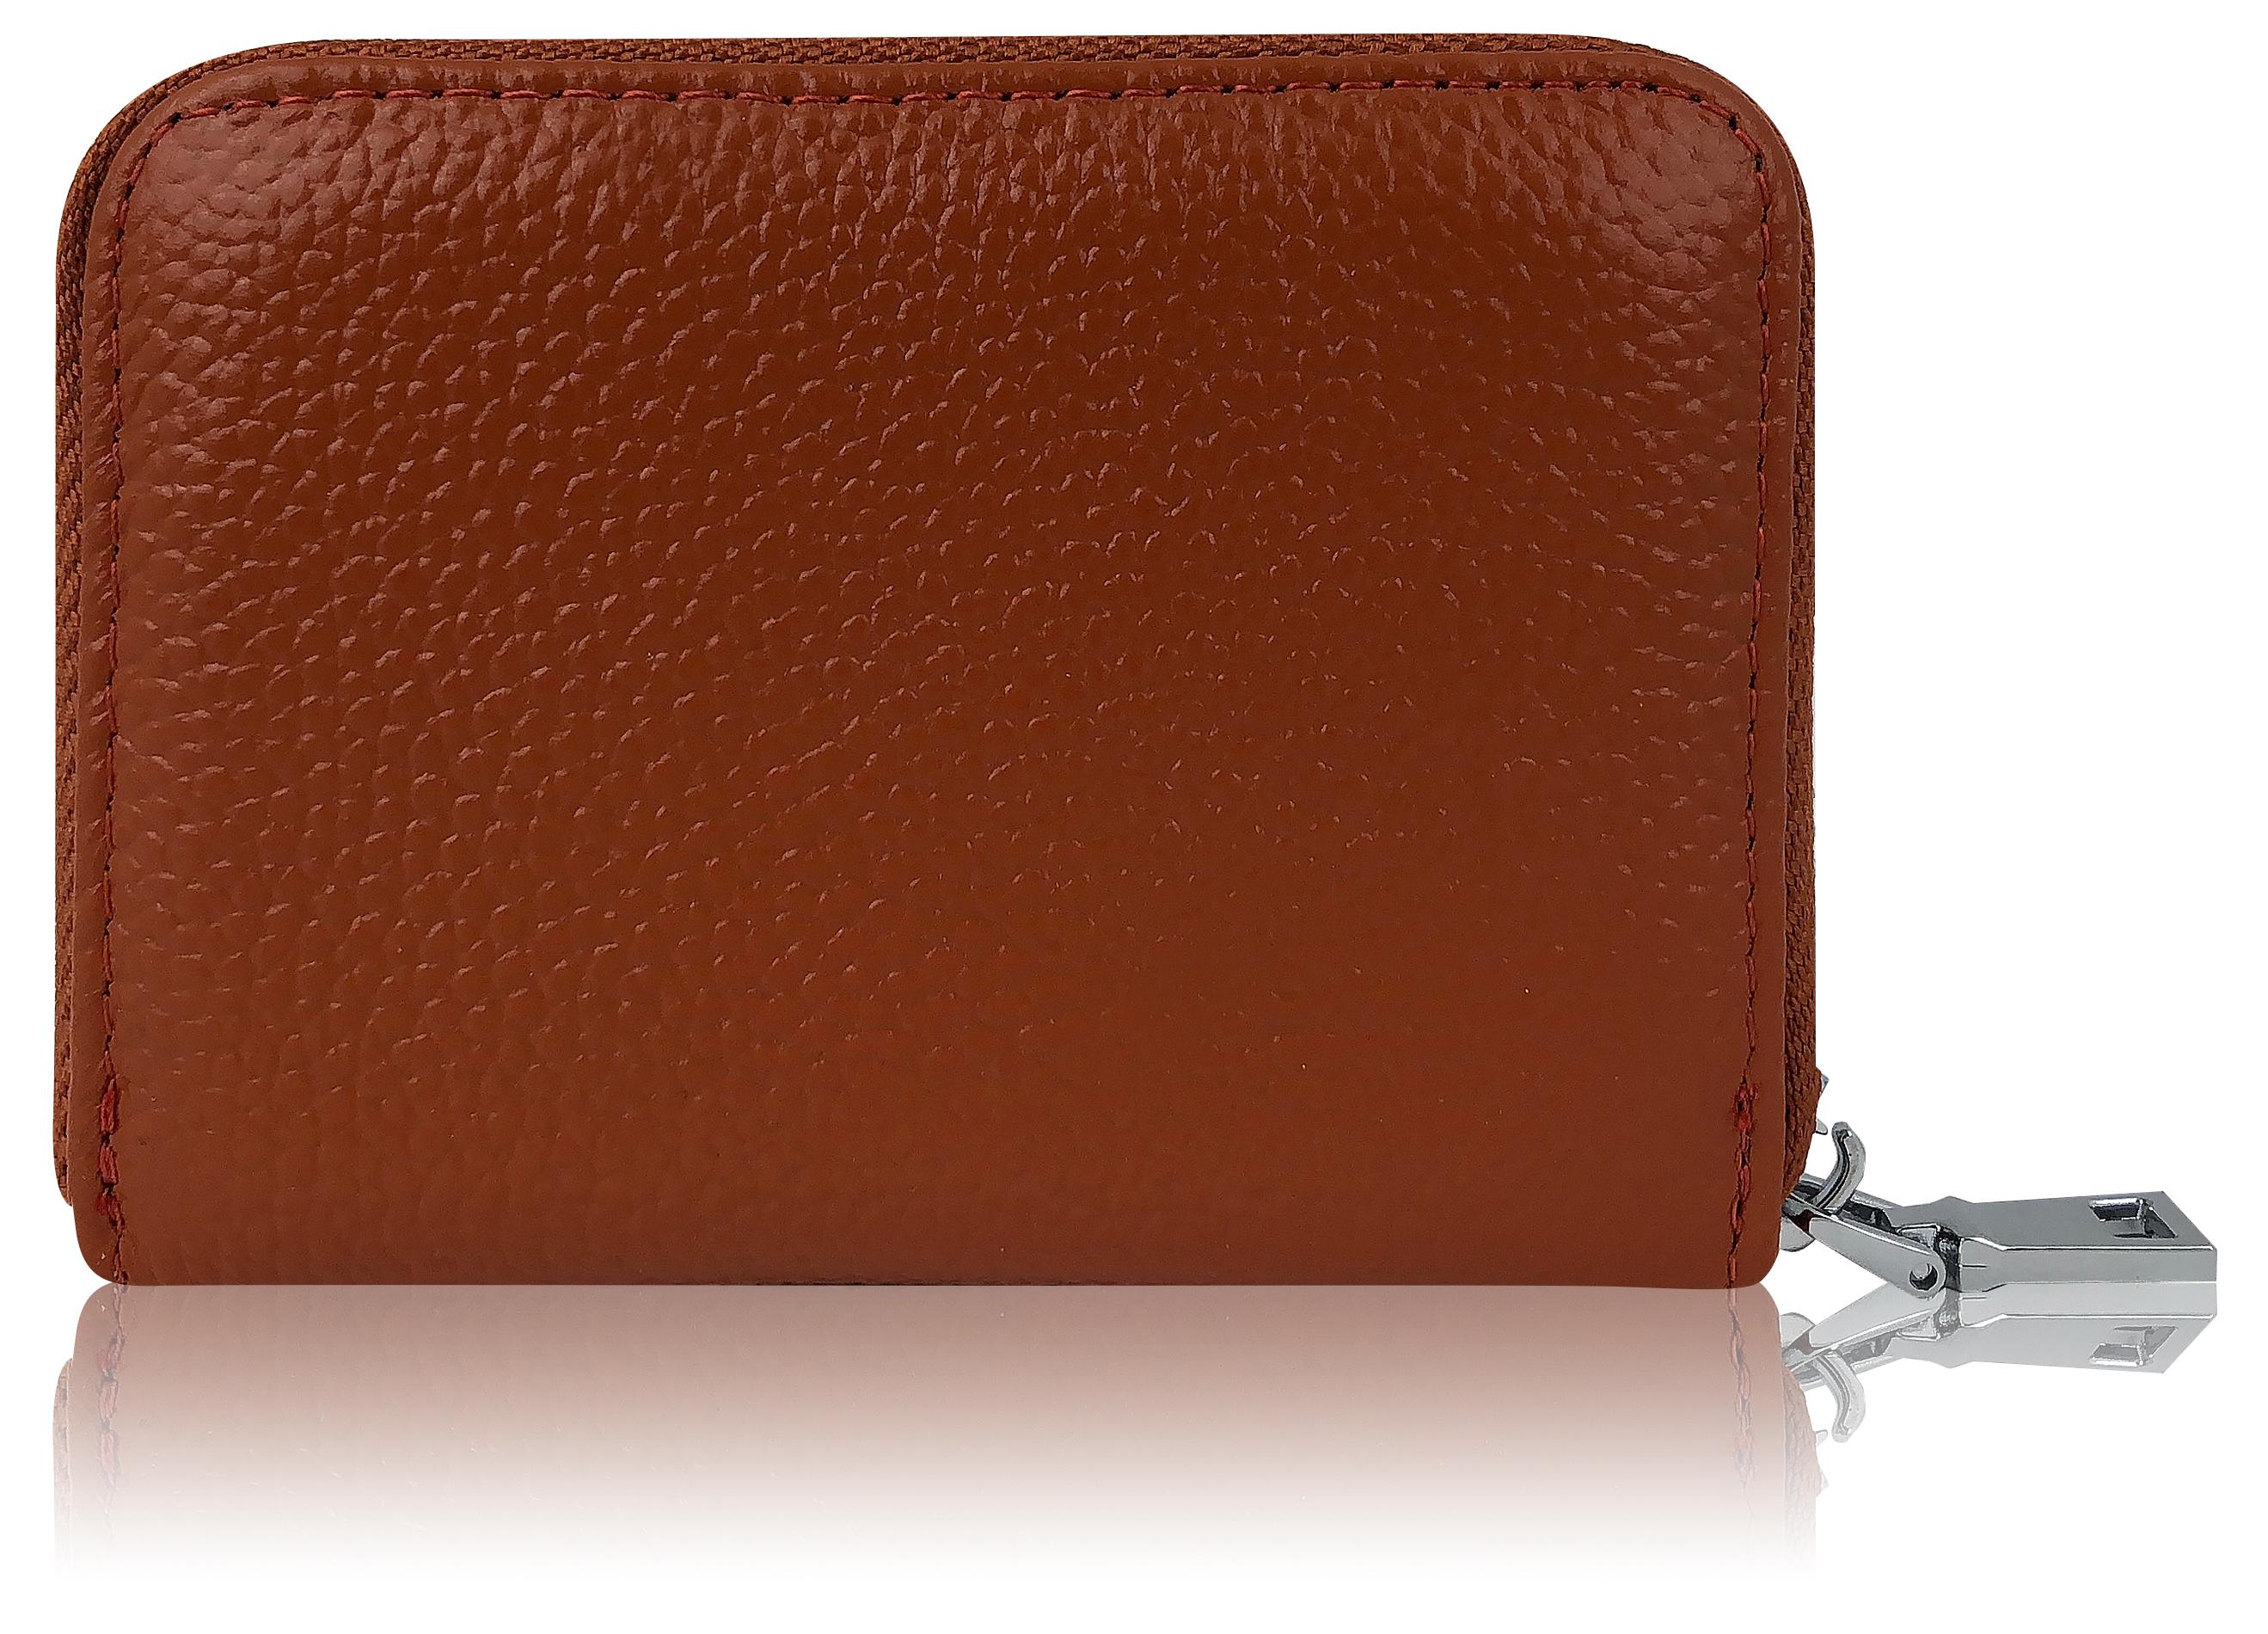 Premium Kredit Karten Etui Geldbörse Echt Leder Mit Edel Stahl Reißverschluß Zipper 12 Fächer Rfid Schutz Klein Mini Slim Smart Karten Hülle